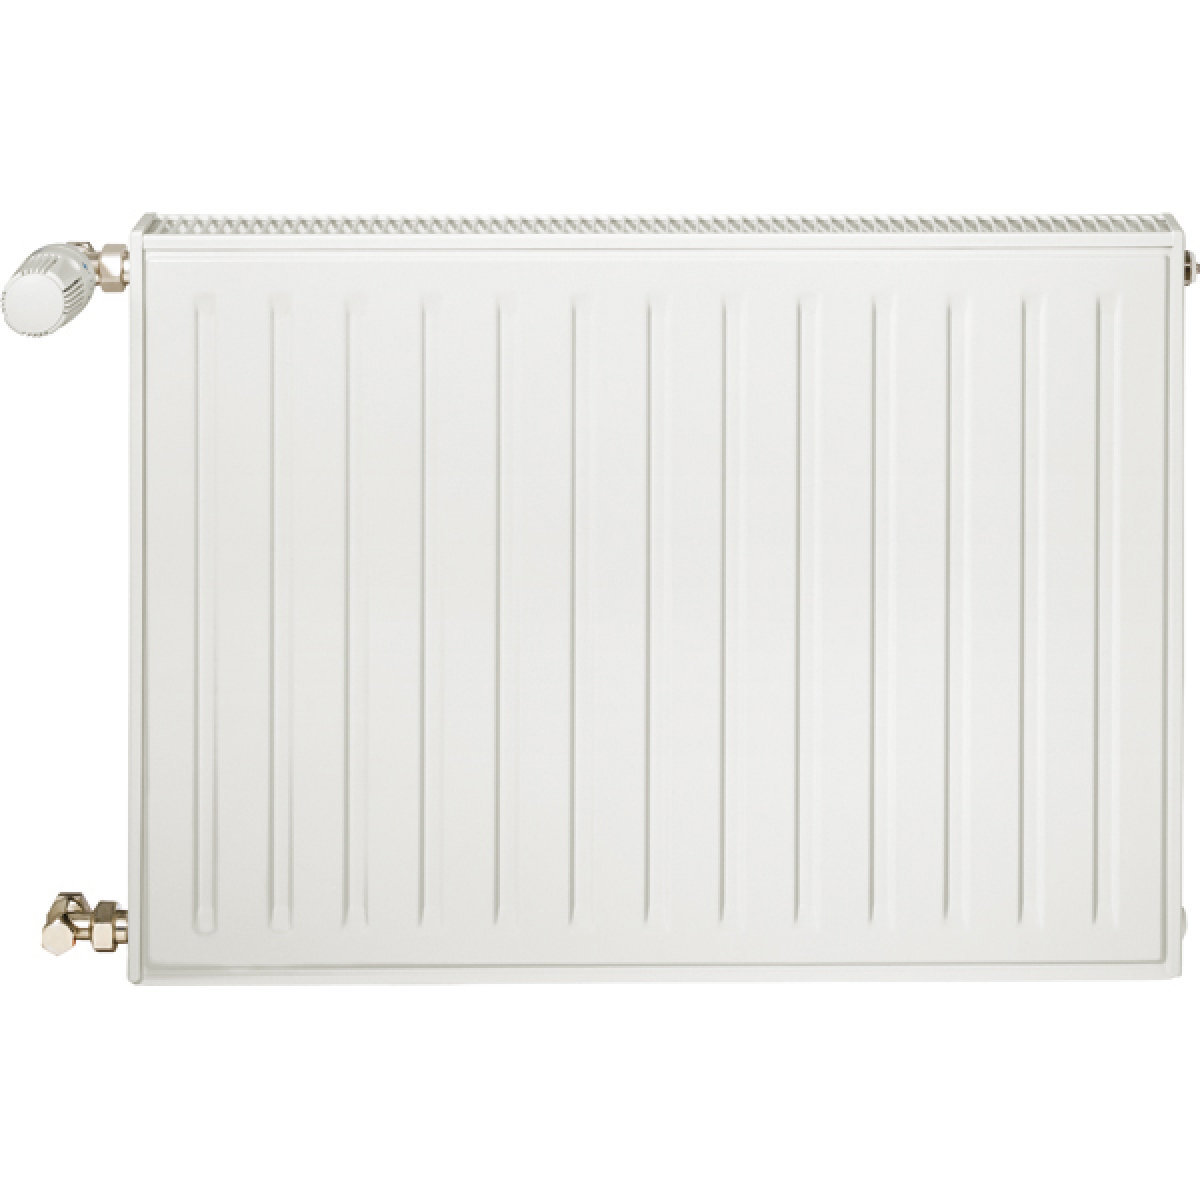 radiateur reggane 3000 21 hauteur 750x1000 1524w 20 l ments finimetal aurillac 15000. Black Bedroom Furniture Sets. Home Design Ideas